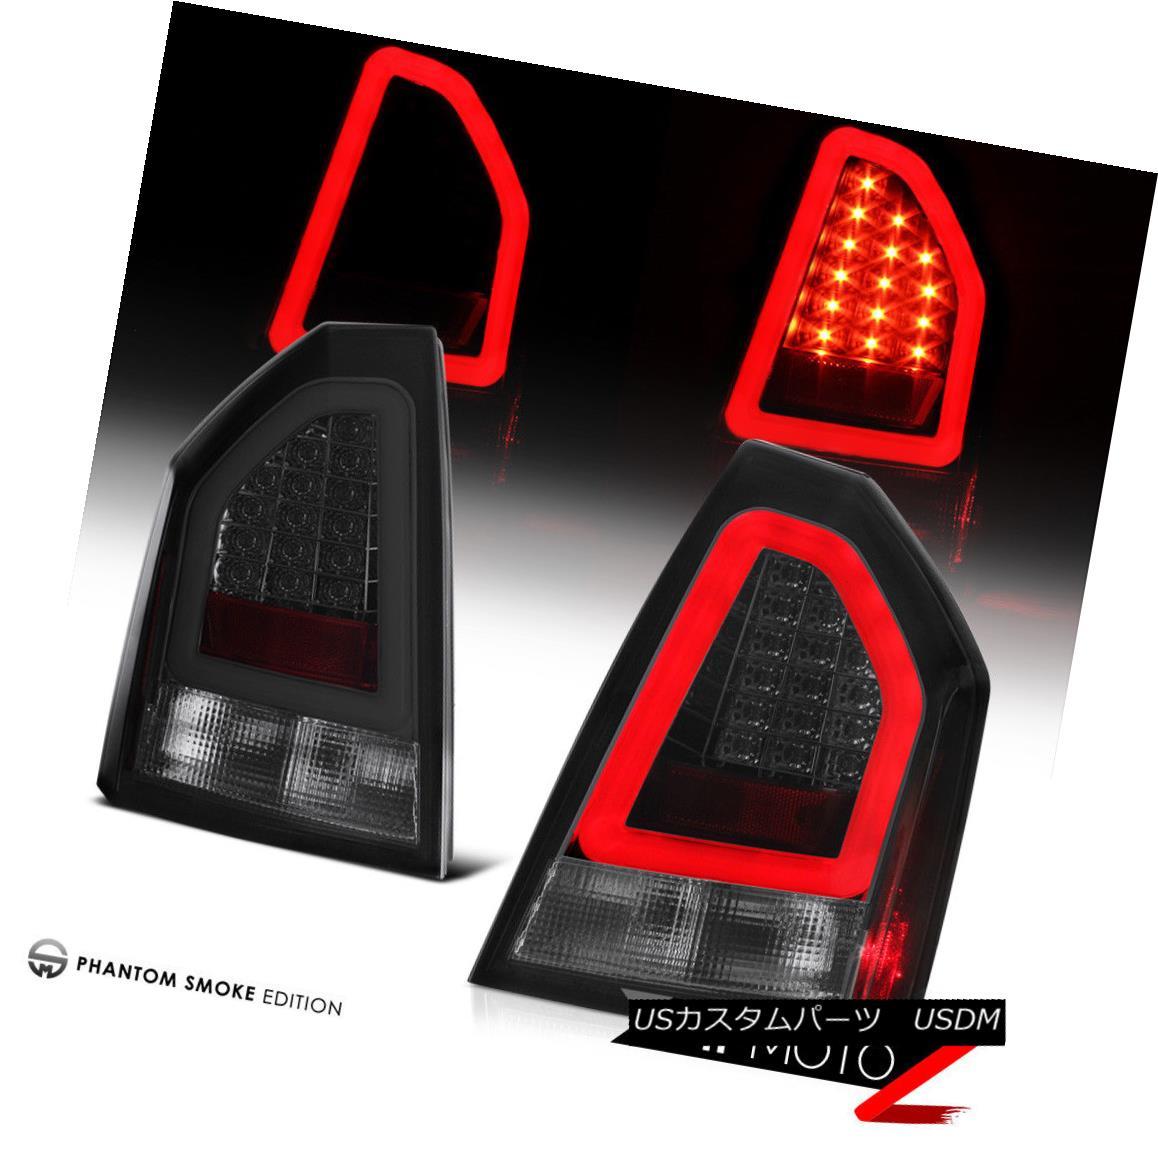 テールライト 2005-2007 Chrysler 300 [SMOKED LENS] Neon Tube LED Tail Lights Brake Lamps Pair 2005-2007クライスラー300 [SMOKED LENS]ネオンチューブLEDテールライトブレーキランプペア